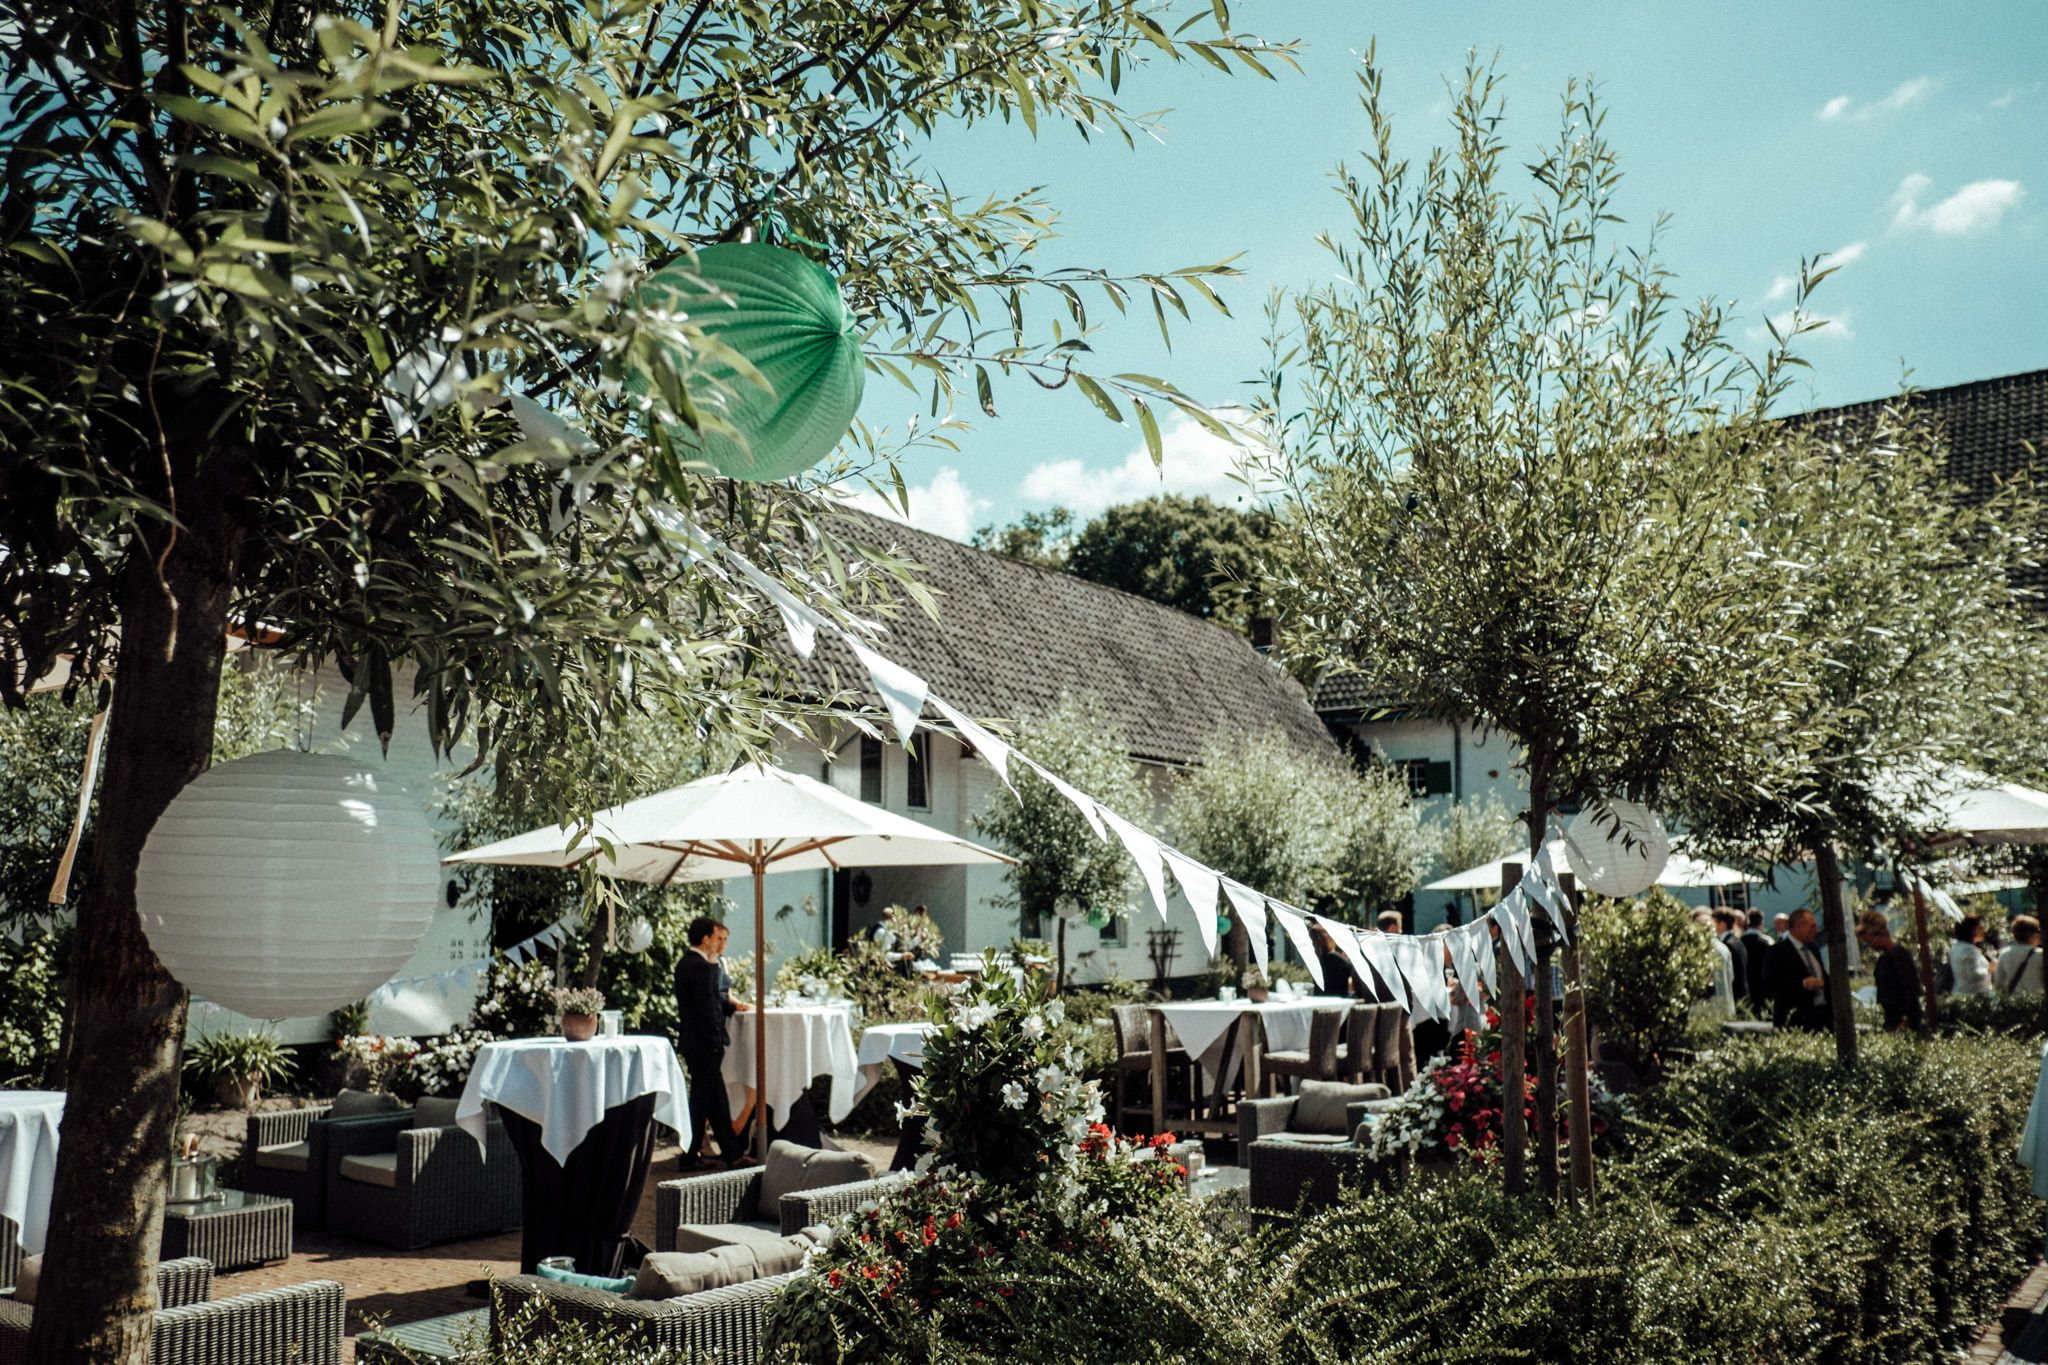 Hochzeit Feiern In Einer Rustikalen Alten Scheune In Der Euregio Boho Inspirierte Sommerhochzeit In Nrw Hochzeit Location Hochzeitslocation Hochzeit